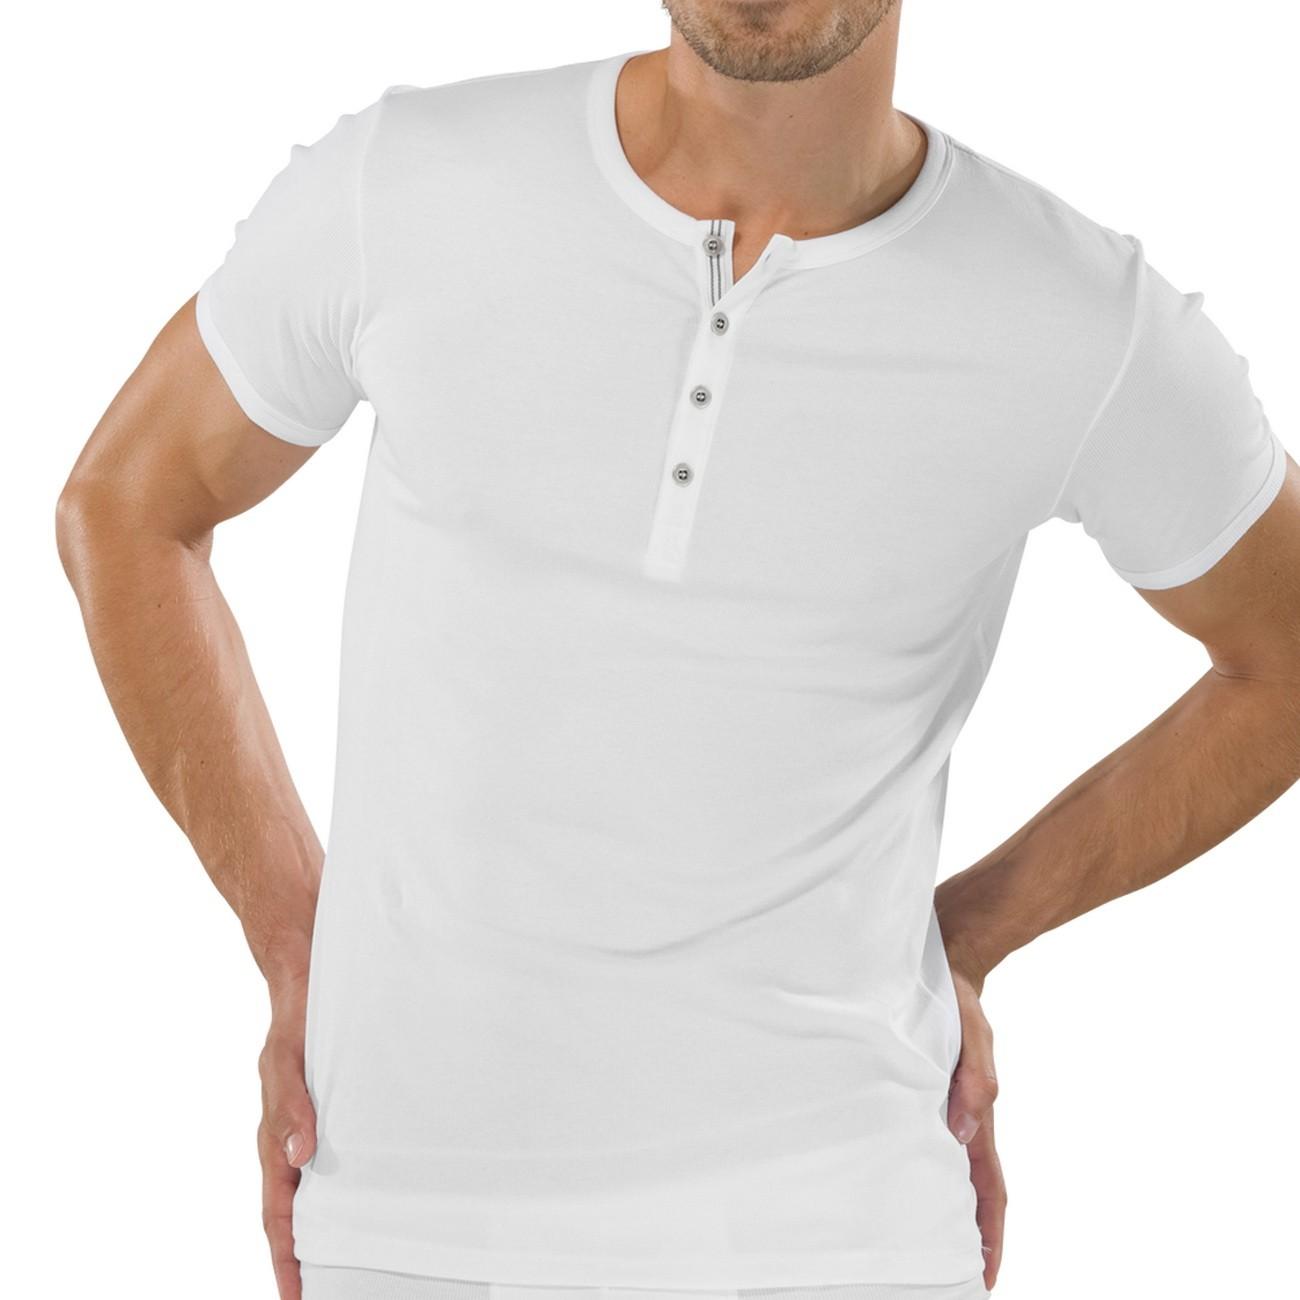 b3c0987fee SCHIESSER Herren T-Shirt mit Knopfleiste Naturbursche 1er Pack